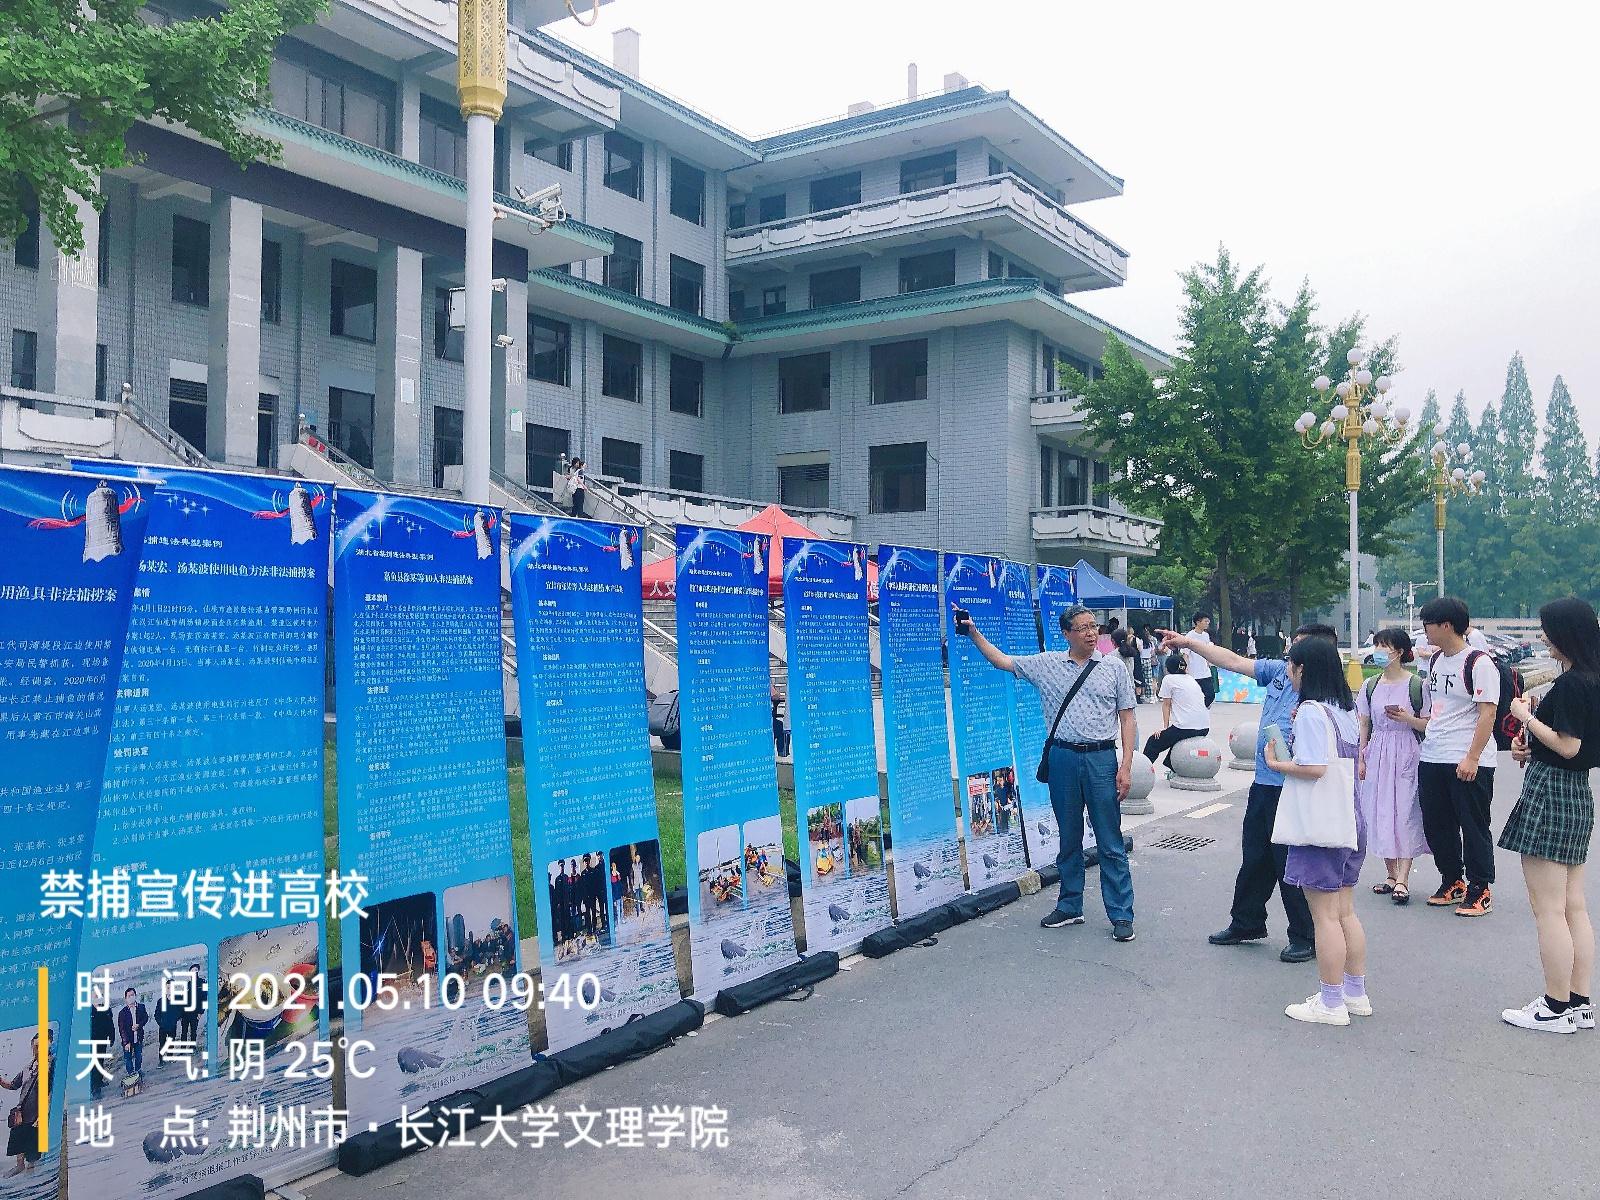 荆州市农业农村局开展长江禁捕宣传教育月活动